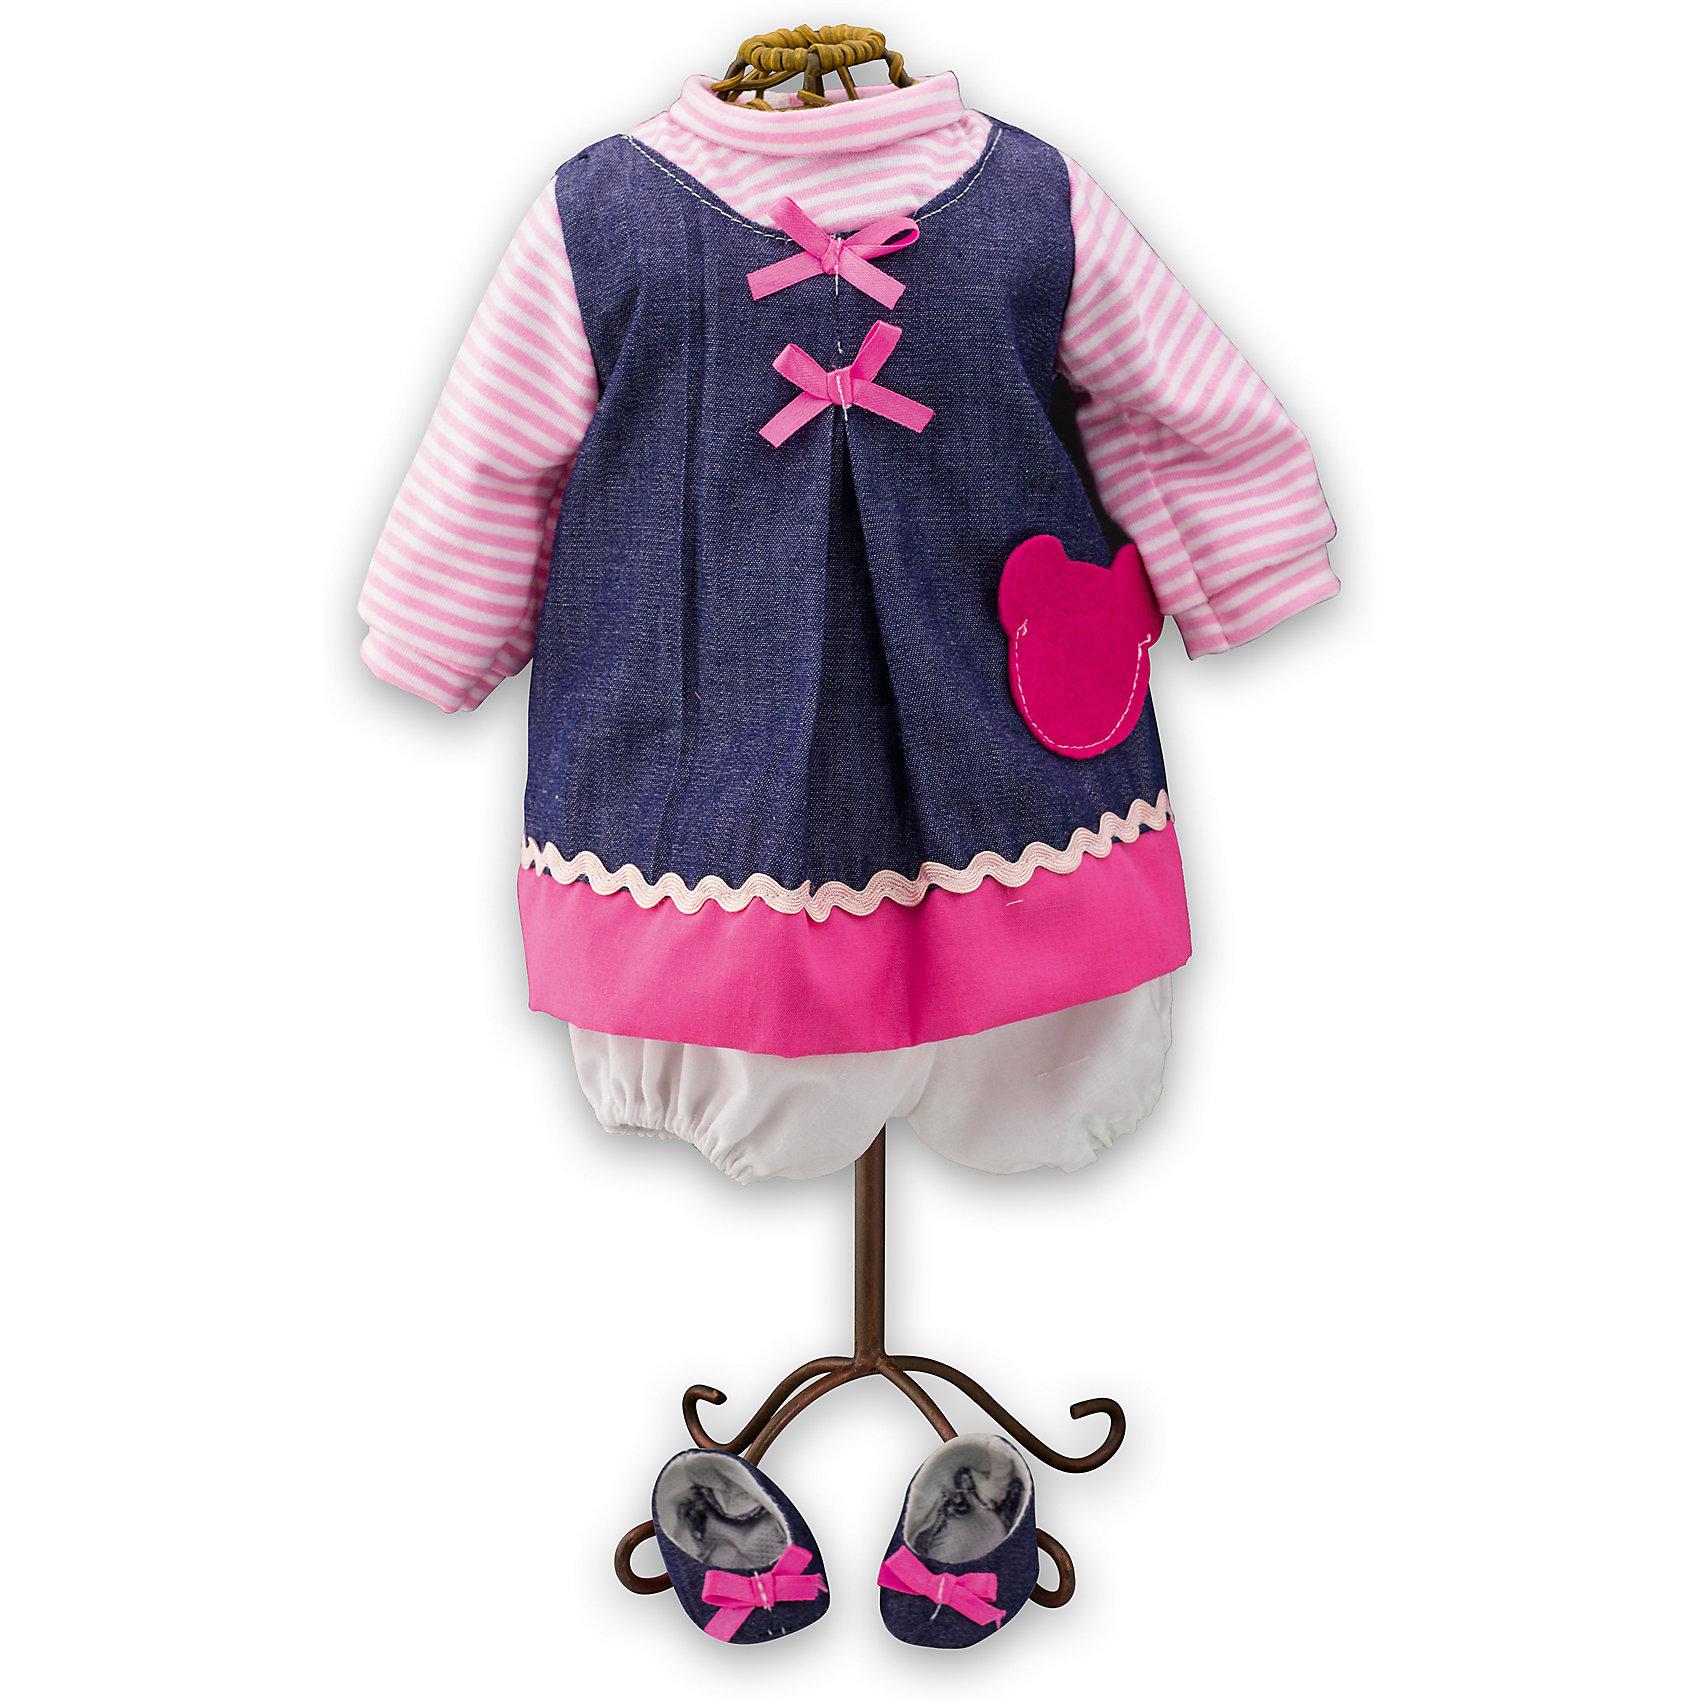 Одежда для куклы девочки Baby Pink, Loko ToysКукольная одежда и аксессуары<br><br><br>Ширина мм: 250<br>Глубина мм: 55<br>Высота мм: 380<br>Вес г: 225<br>Возраст от месяцев: 10<br>Возраст до месяцев: 2147483647<br>Пол: Женский<br>Возраст: Детский<br>SKU: 6759075